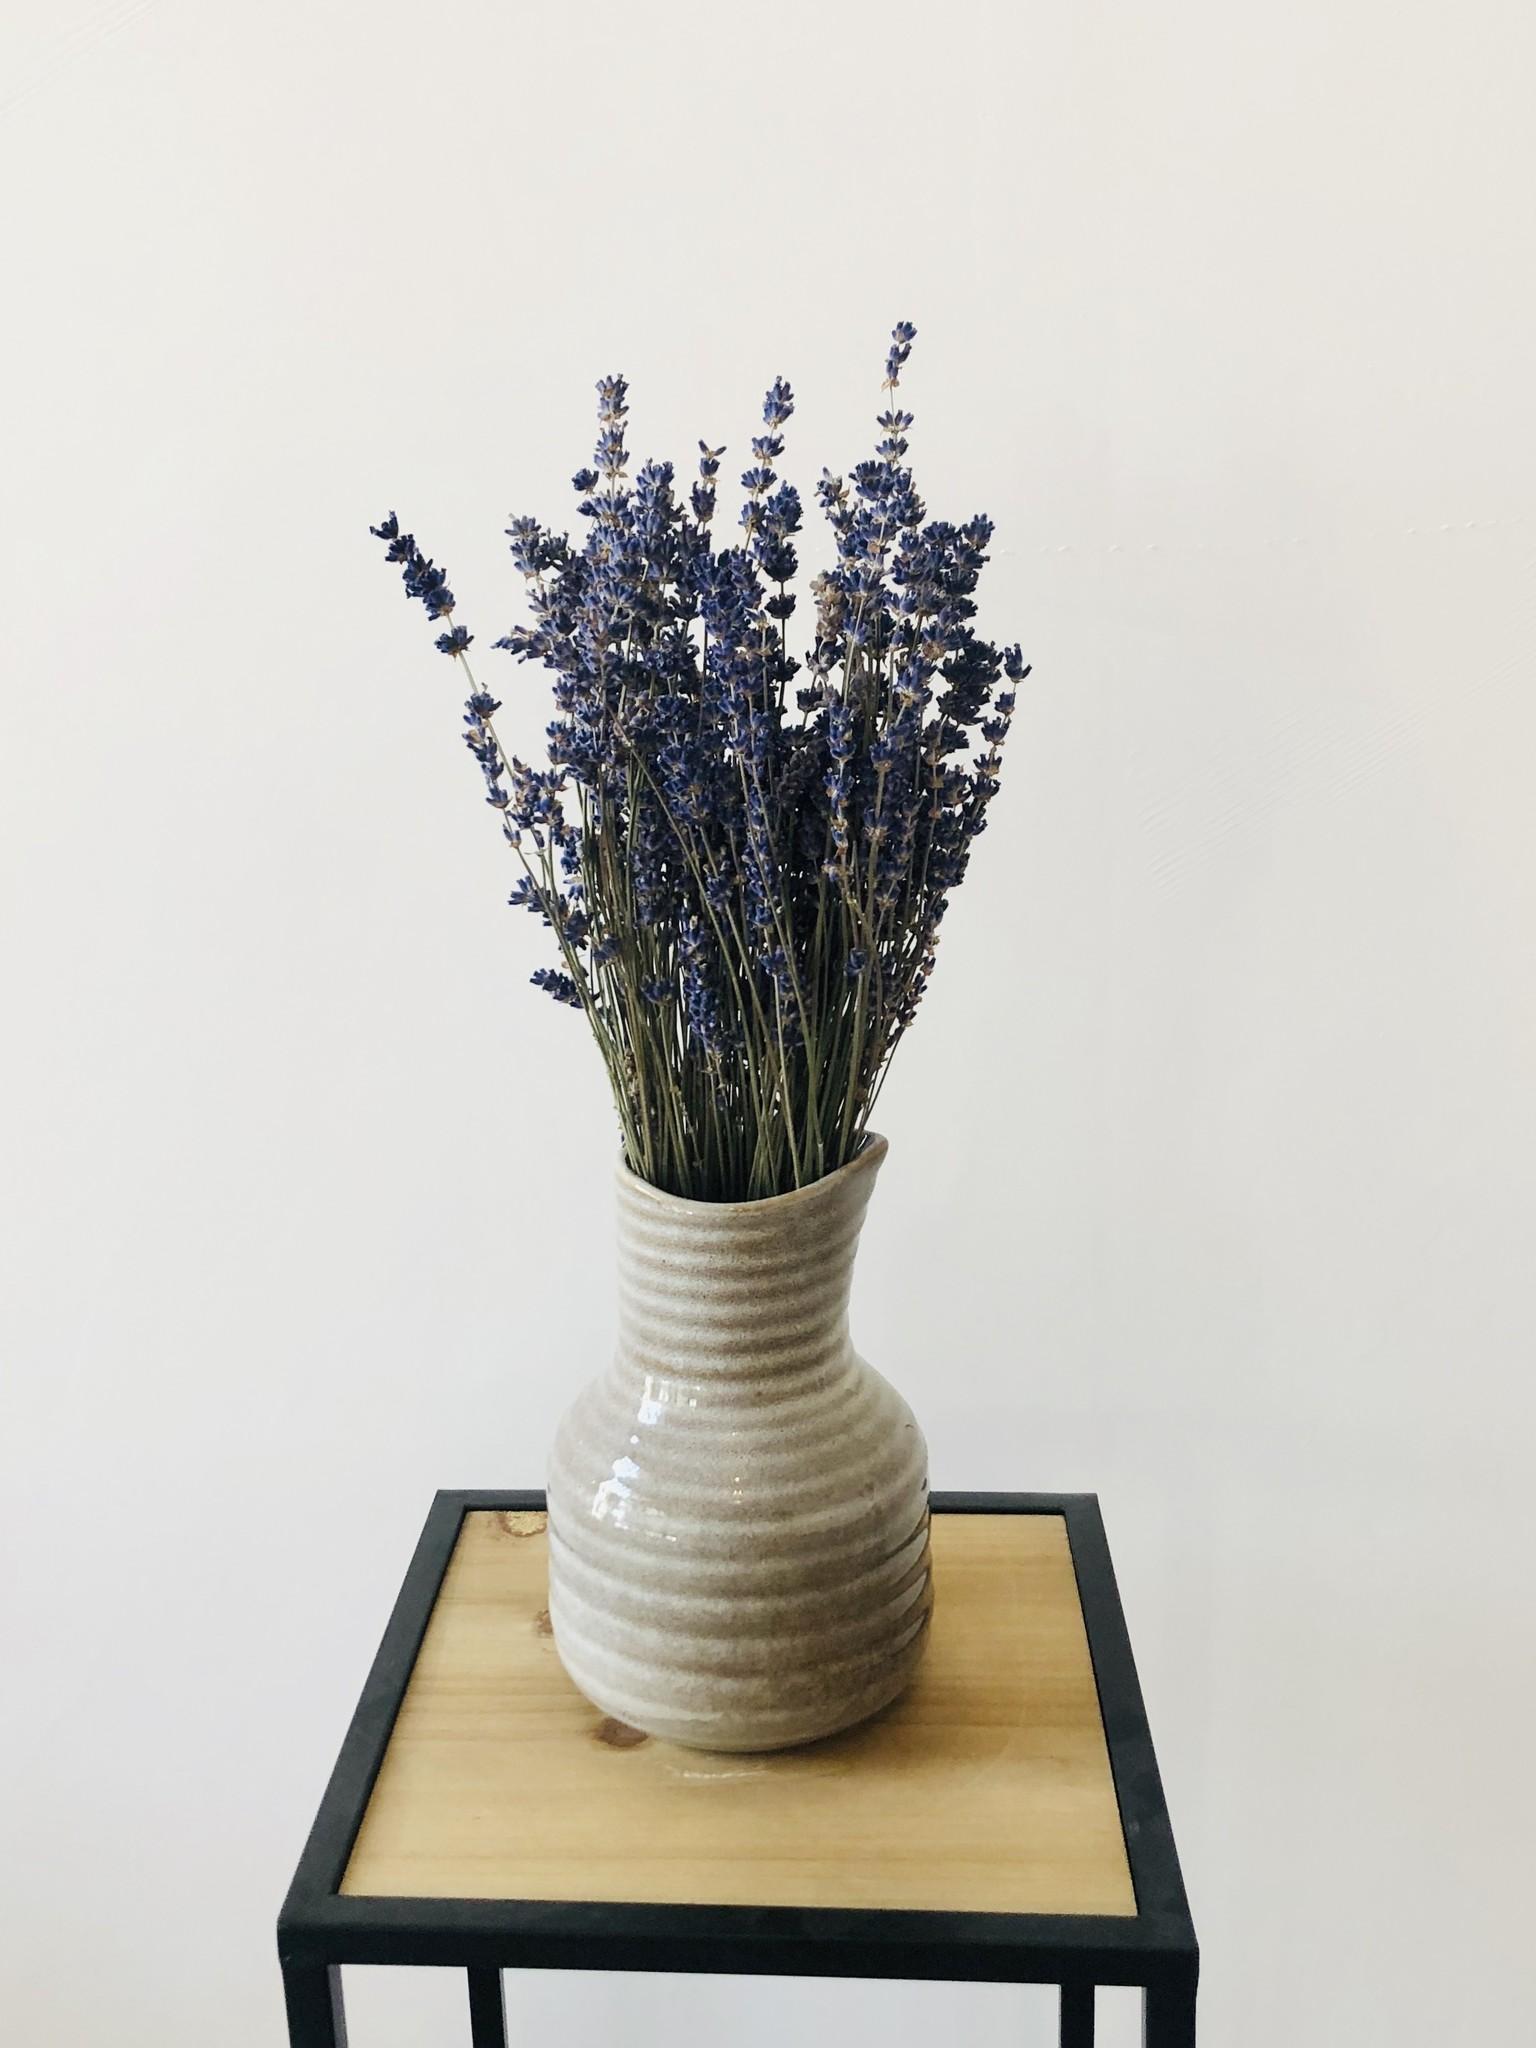 Lavendel - blauw gedroogd-2